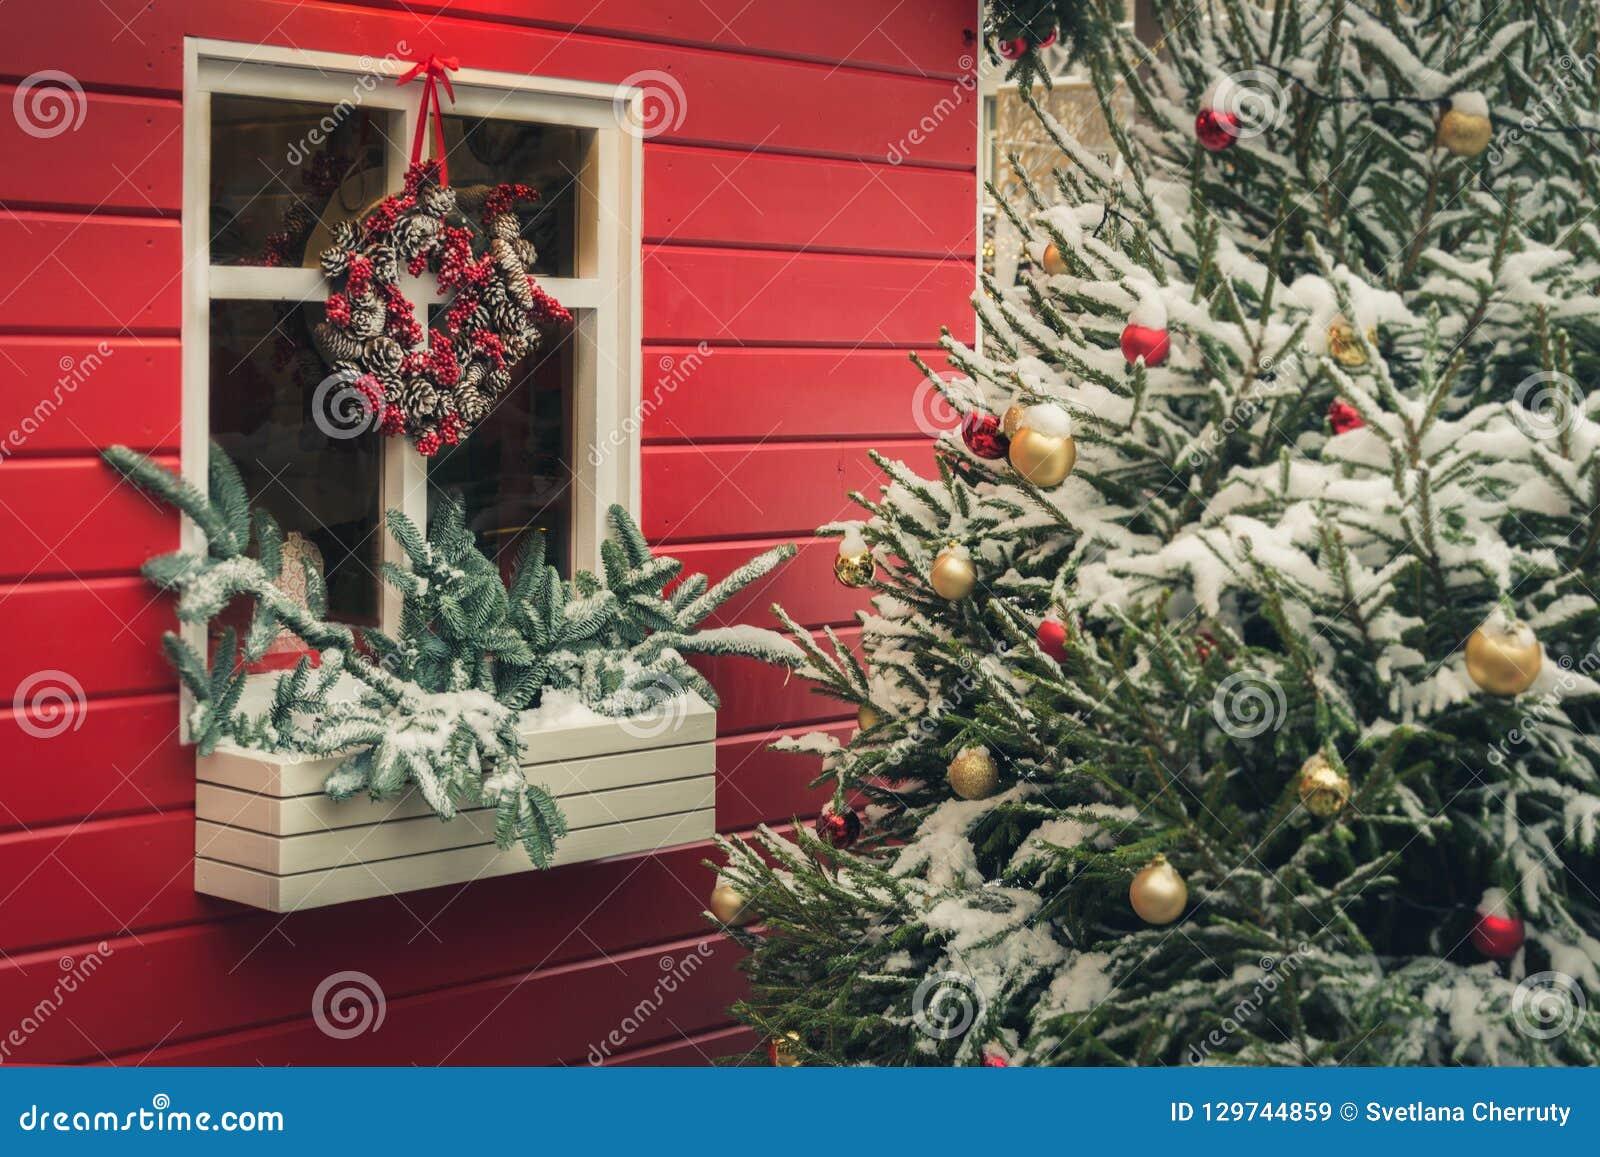 Cadeaux Fait Maison Pour Noel kiosque rouge décoratif traditionnel pour l'atelier et les